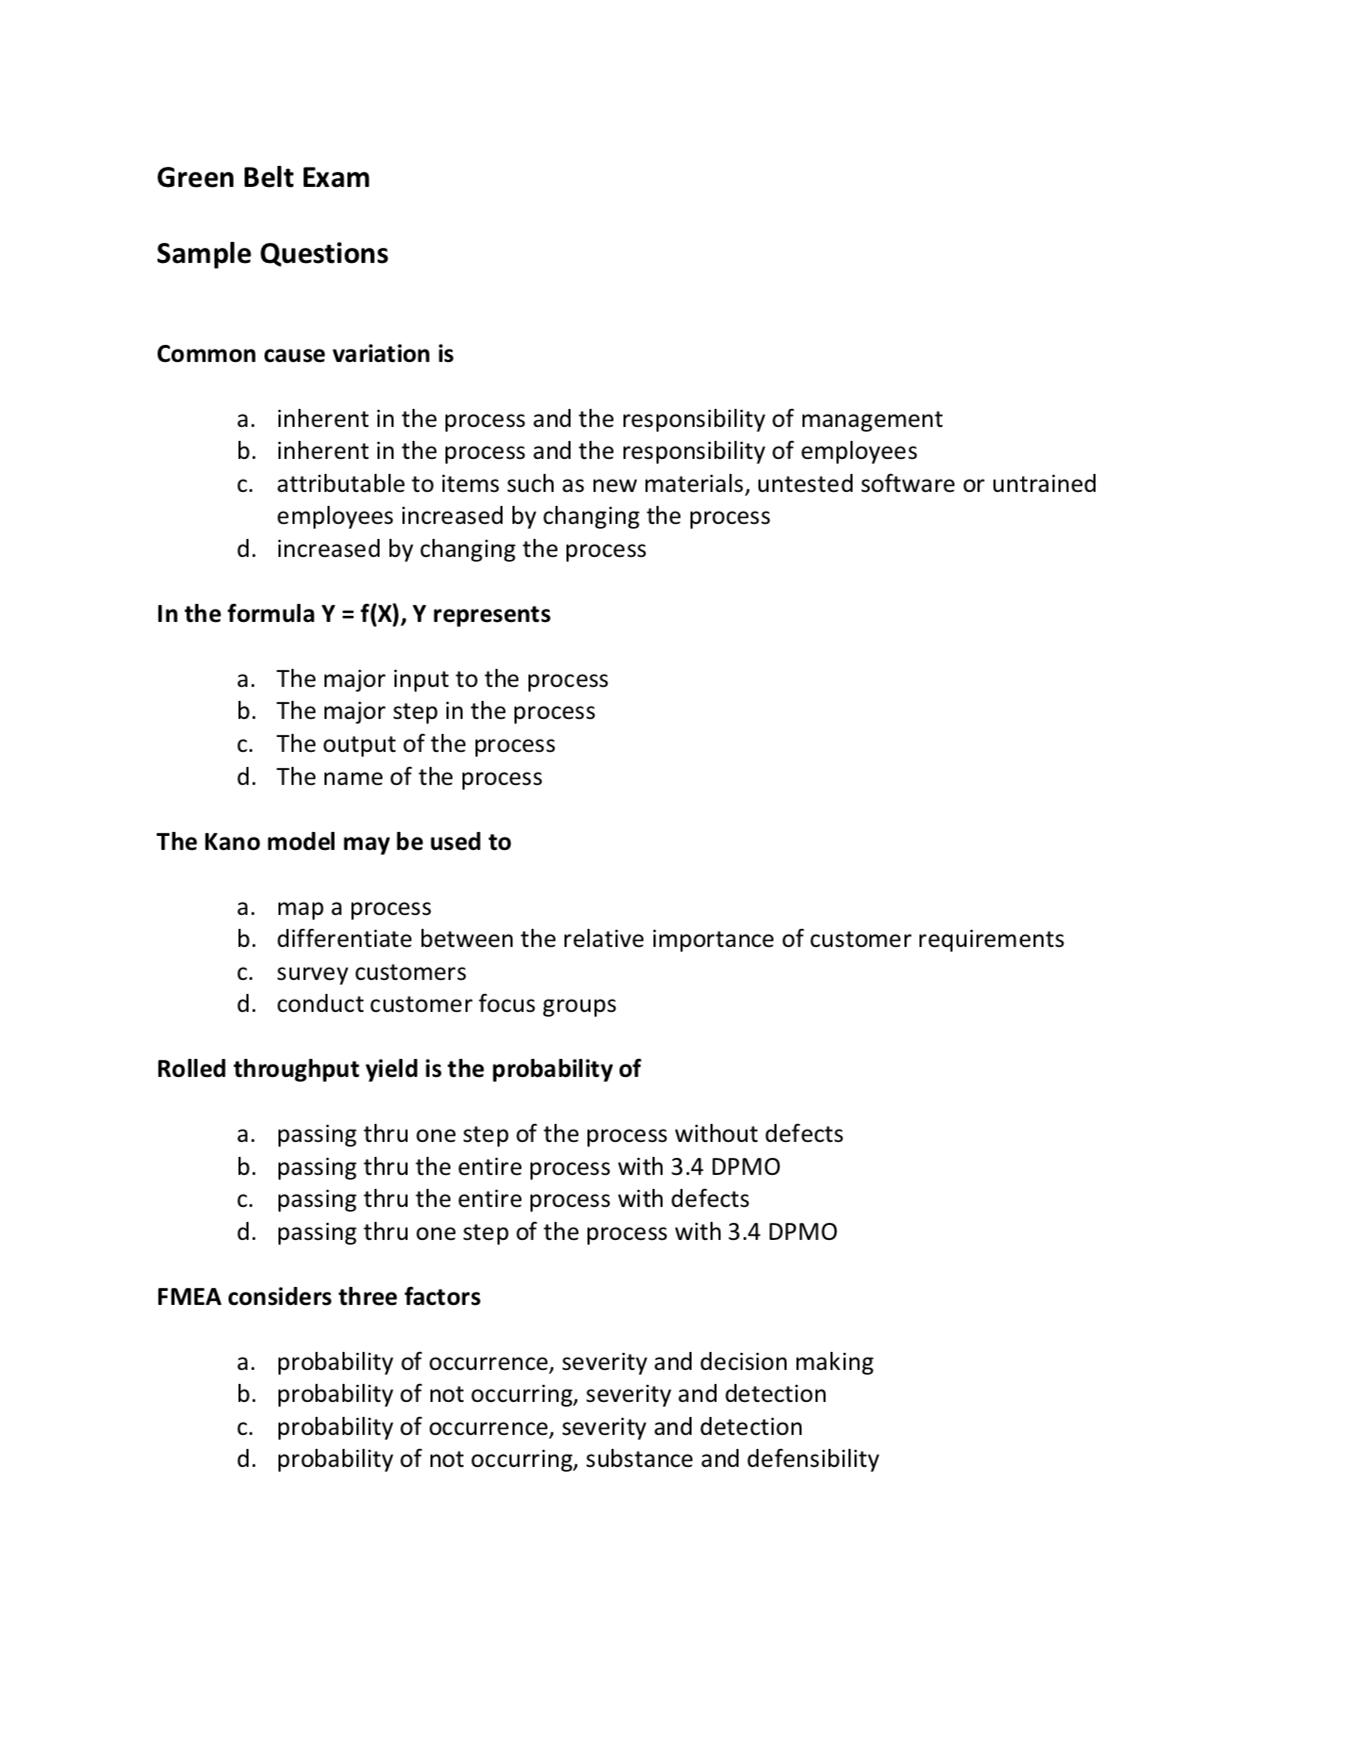 Sample_Exam_Questions_Green_Belt_Cii.png